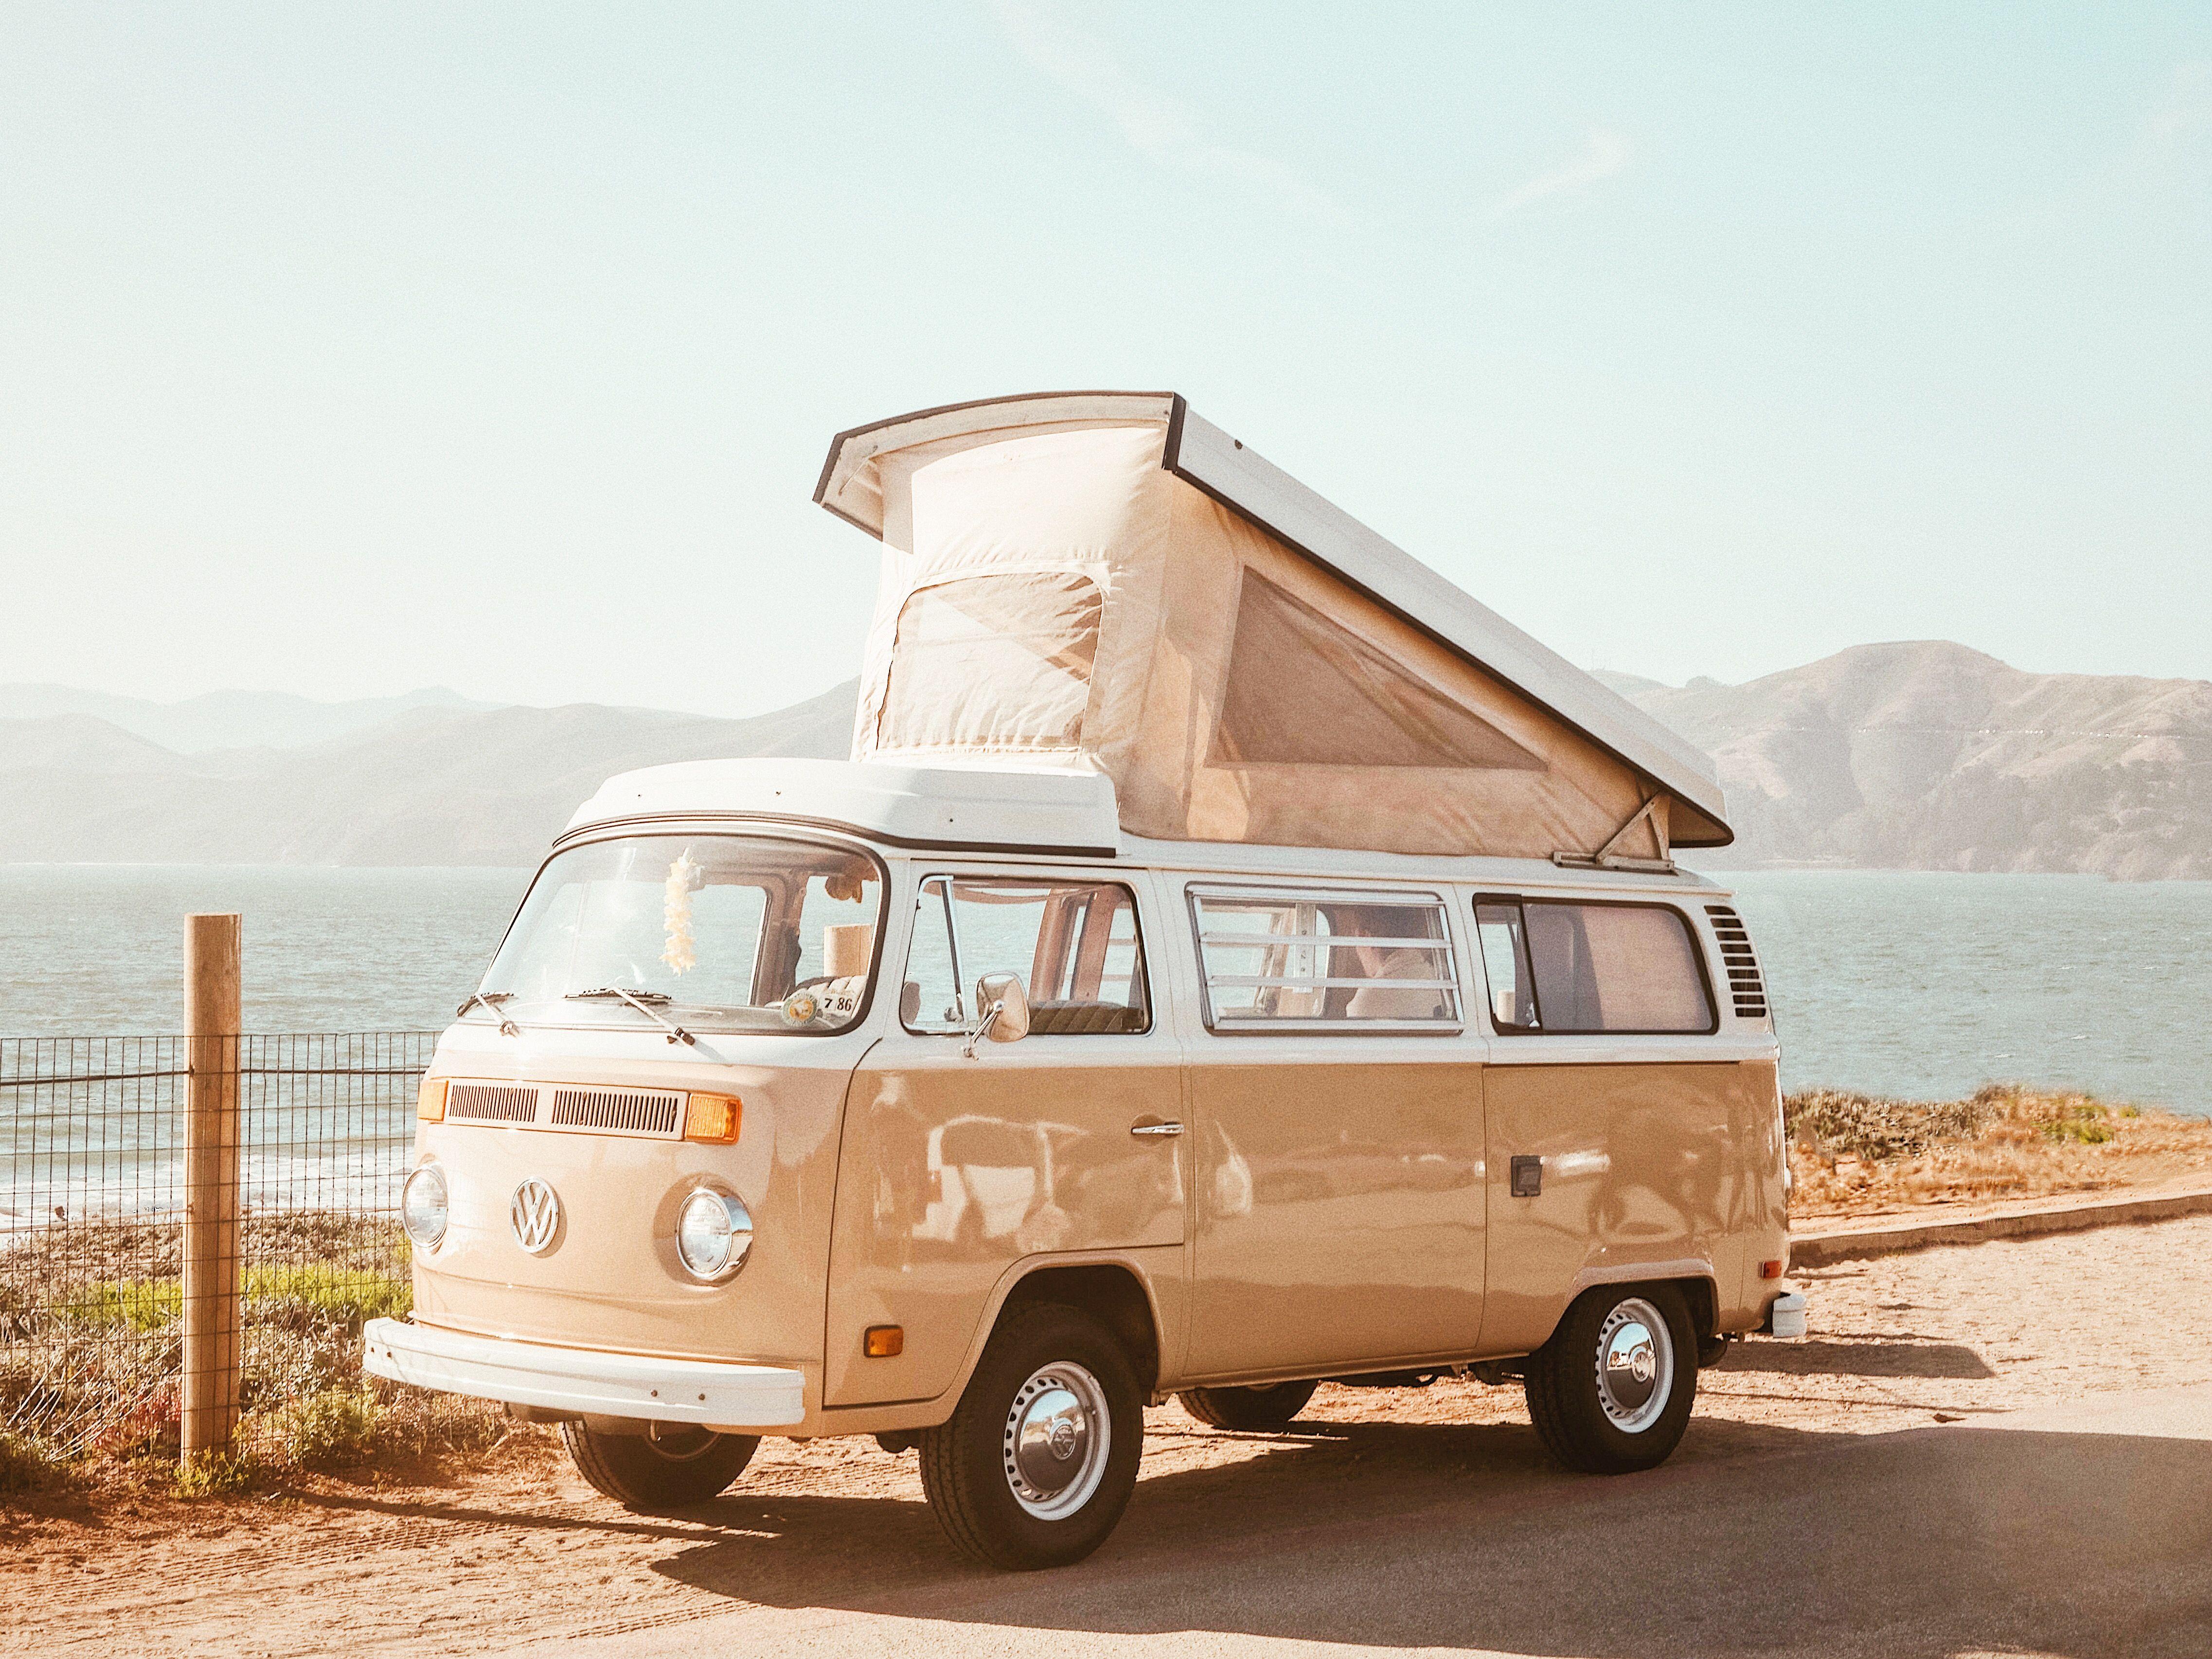 Pin By Mj On Background Van Life Van Vintage Vans